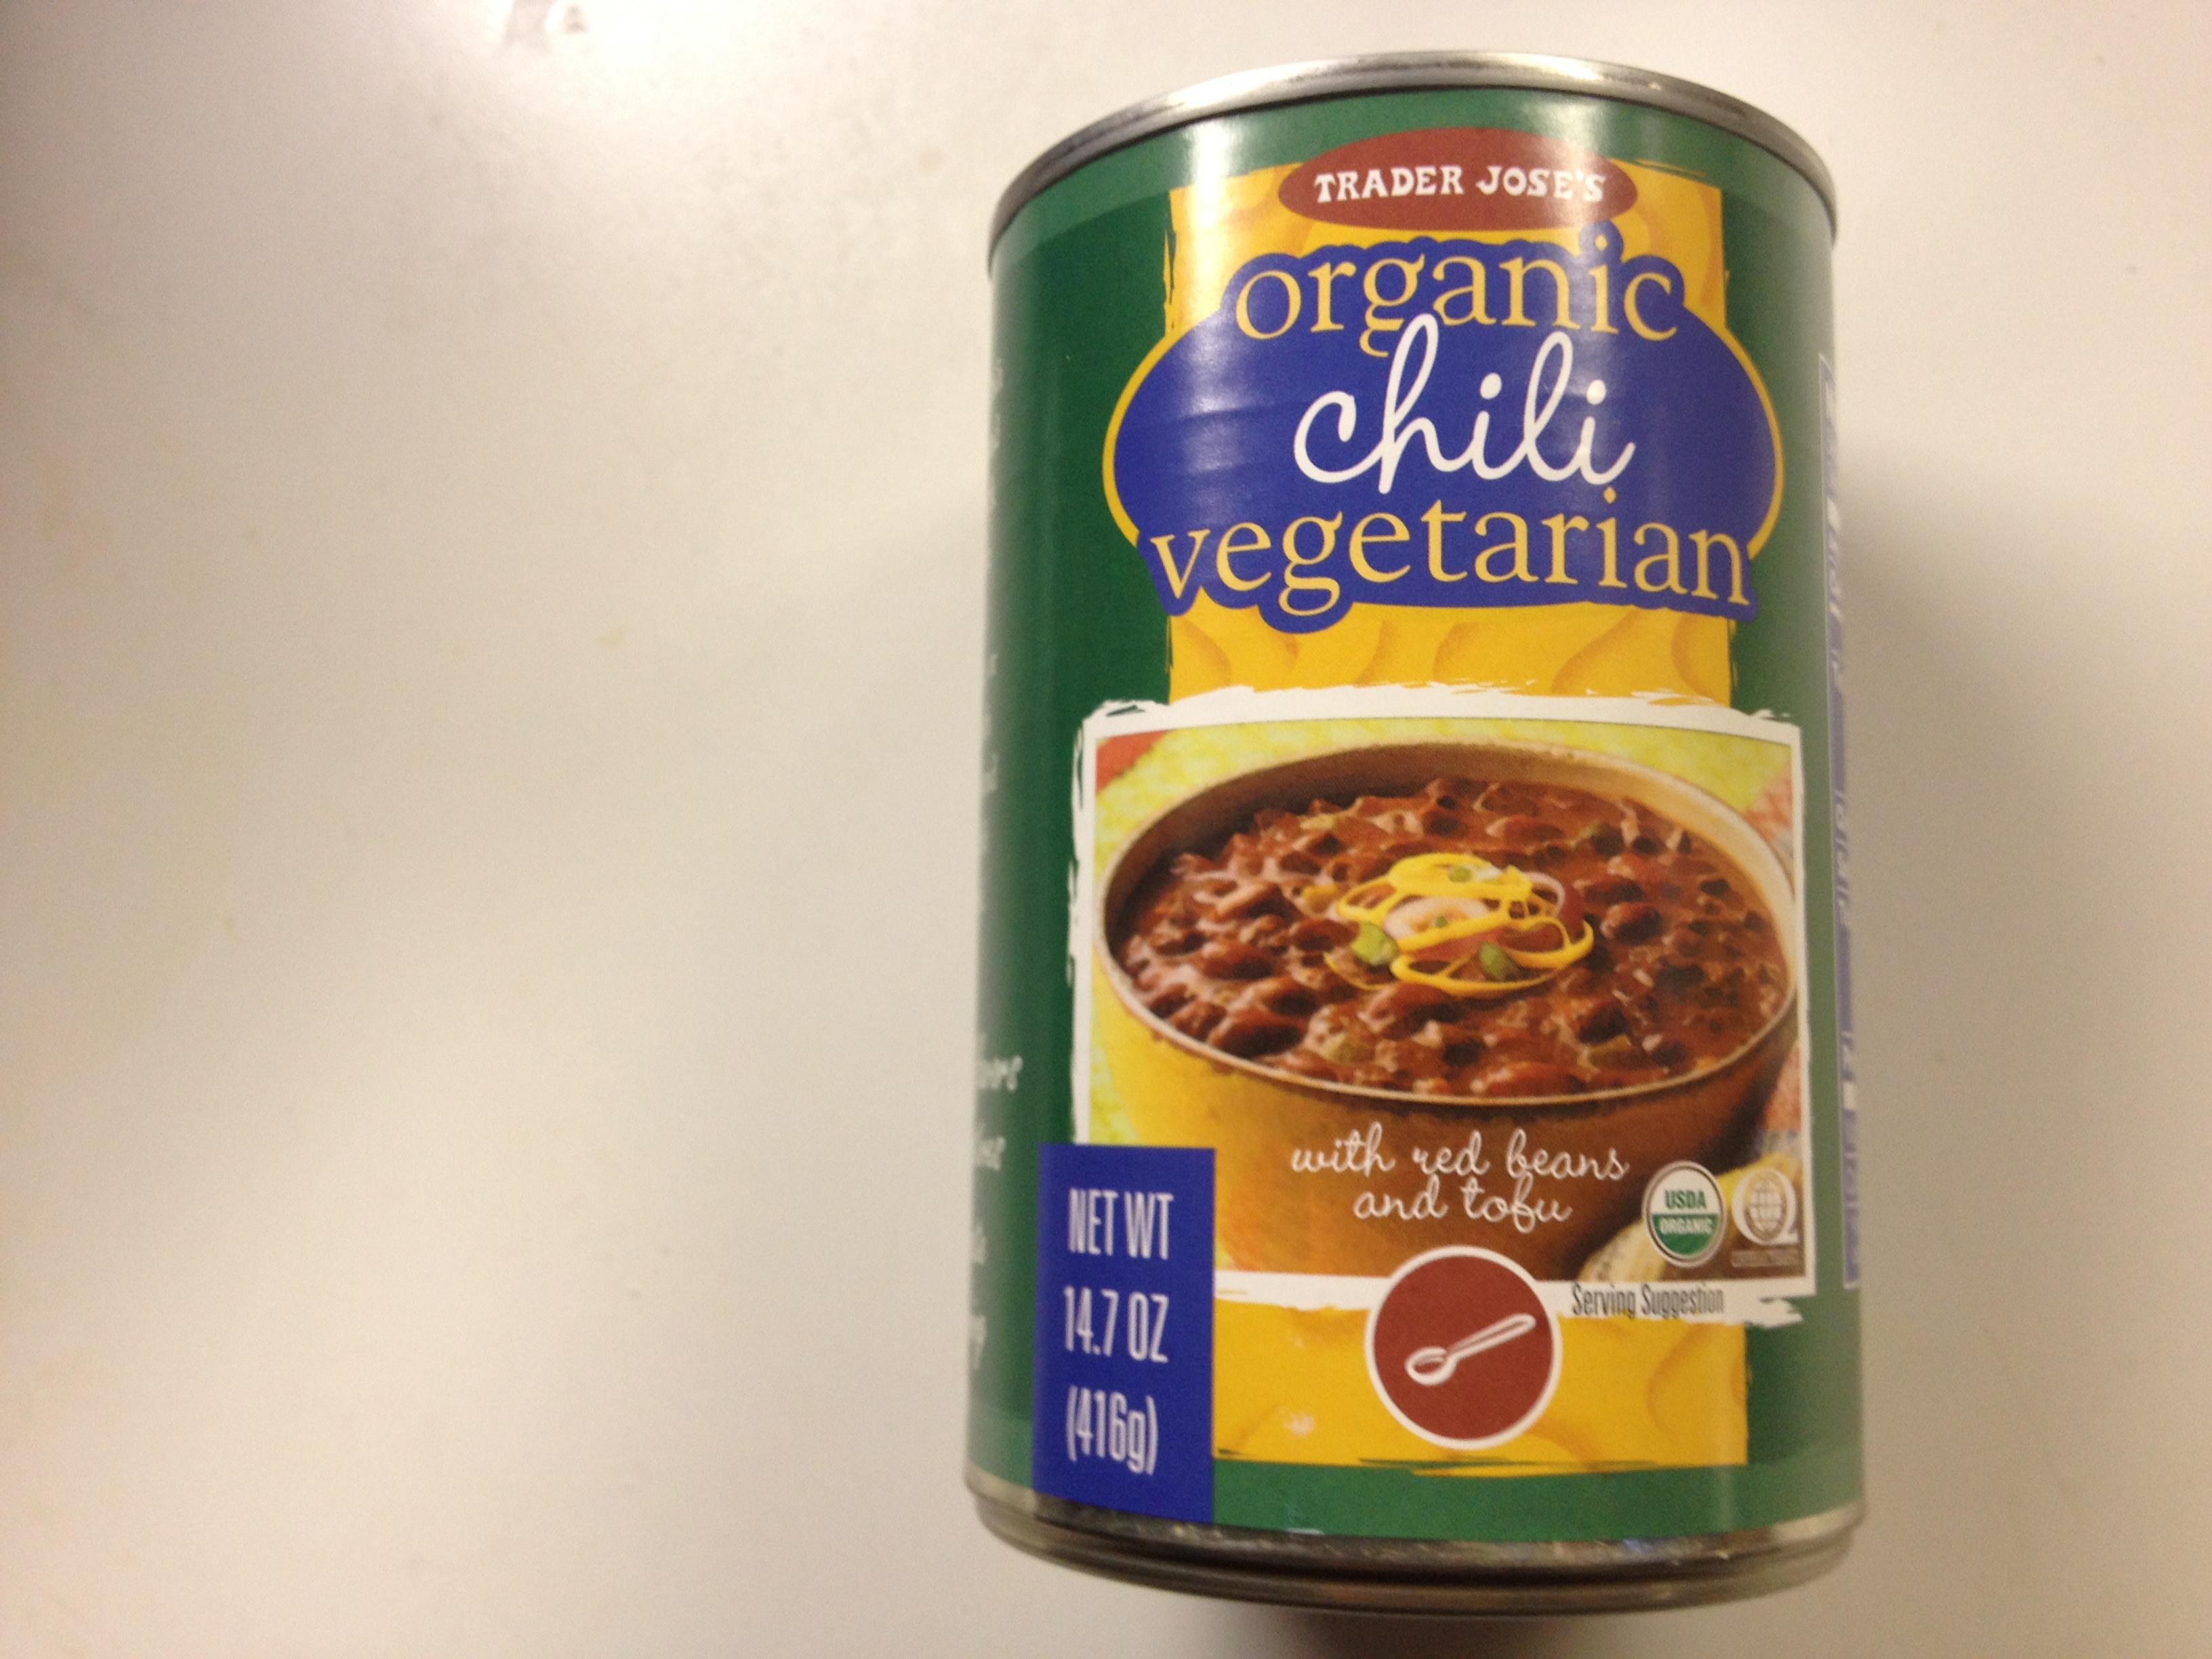 Organic Vegetarian Chili From Trader Joe S Things I Love At Trader Joe S